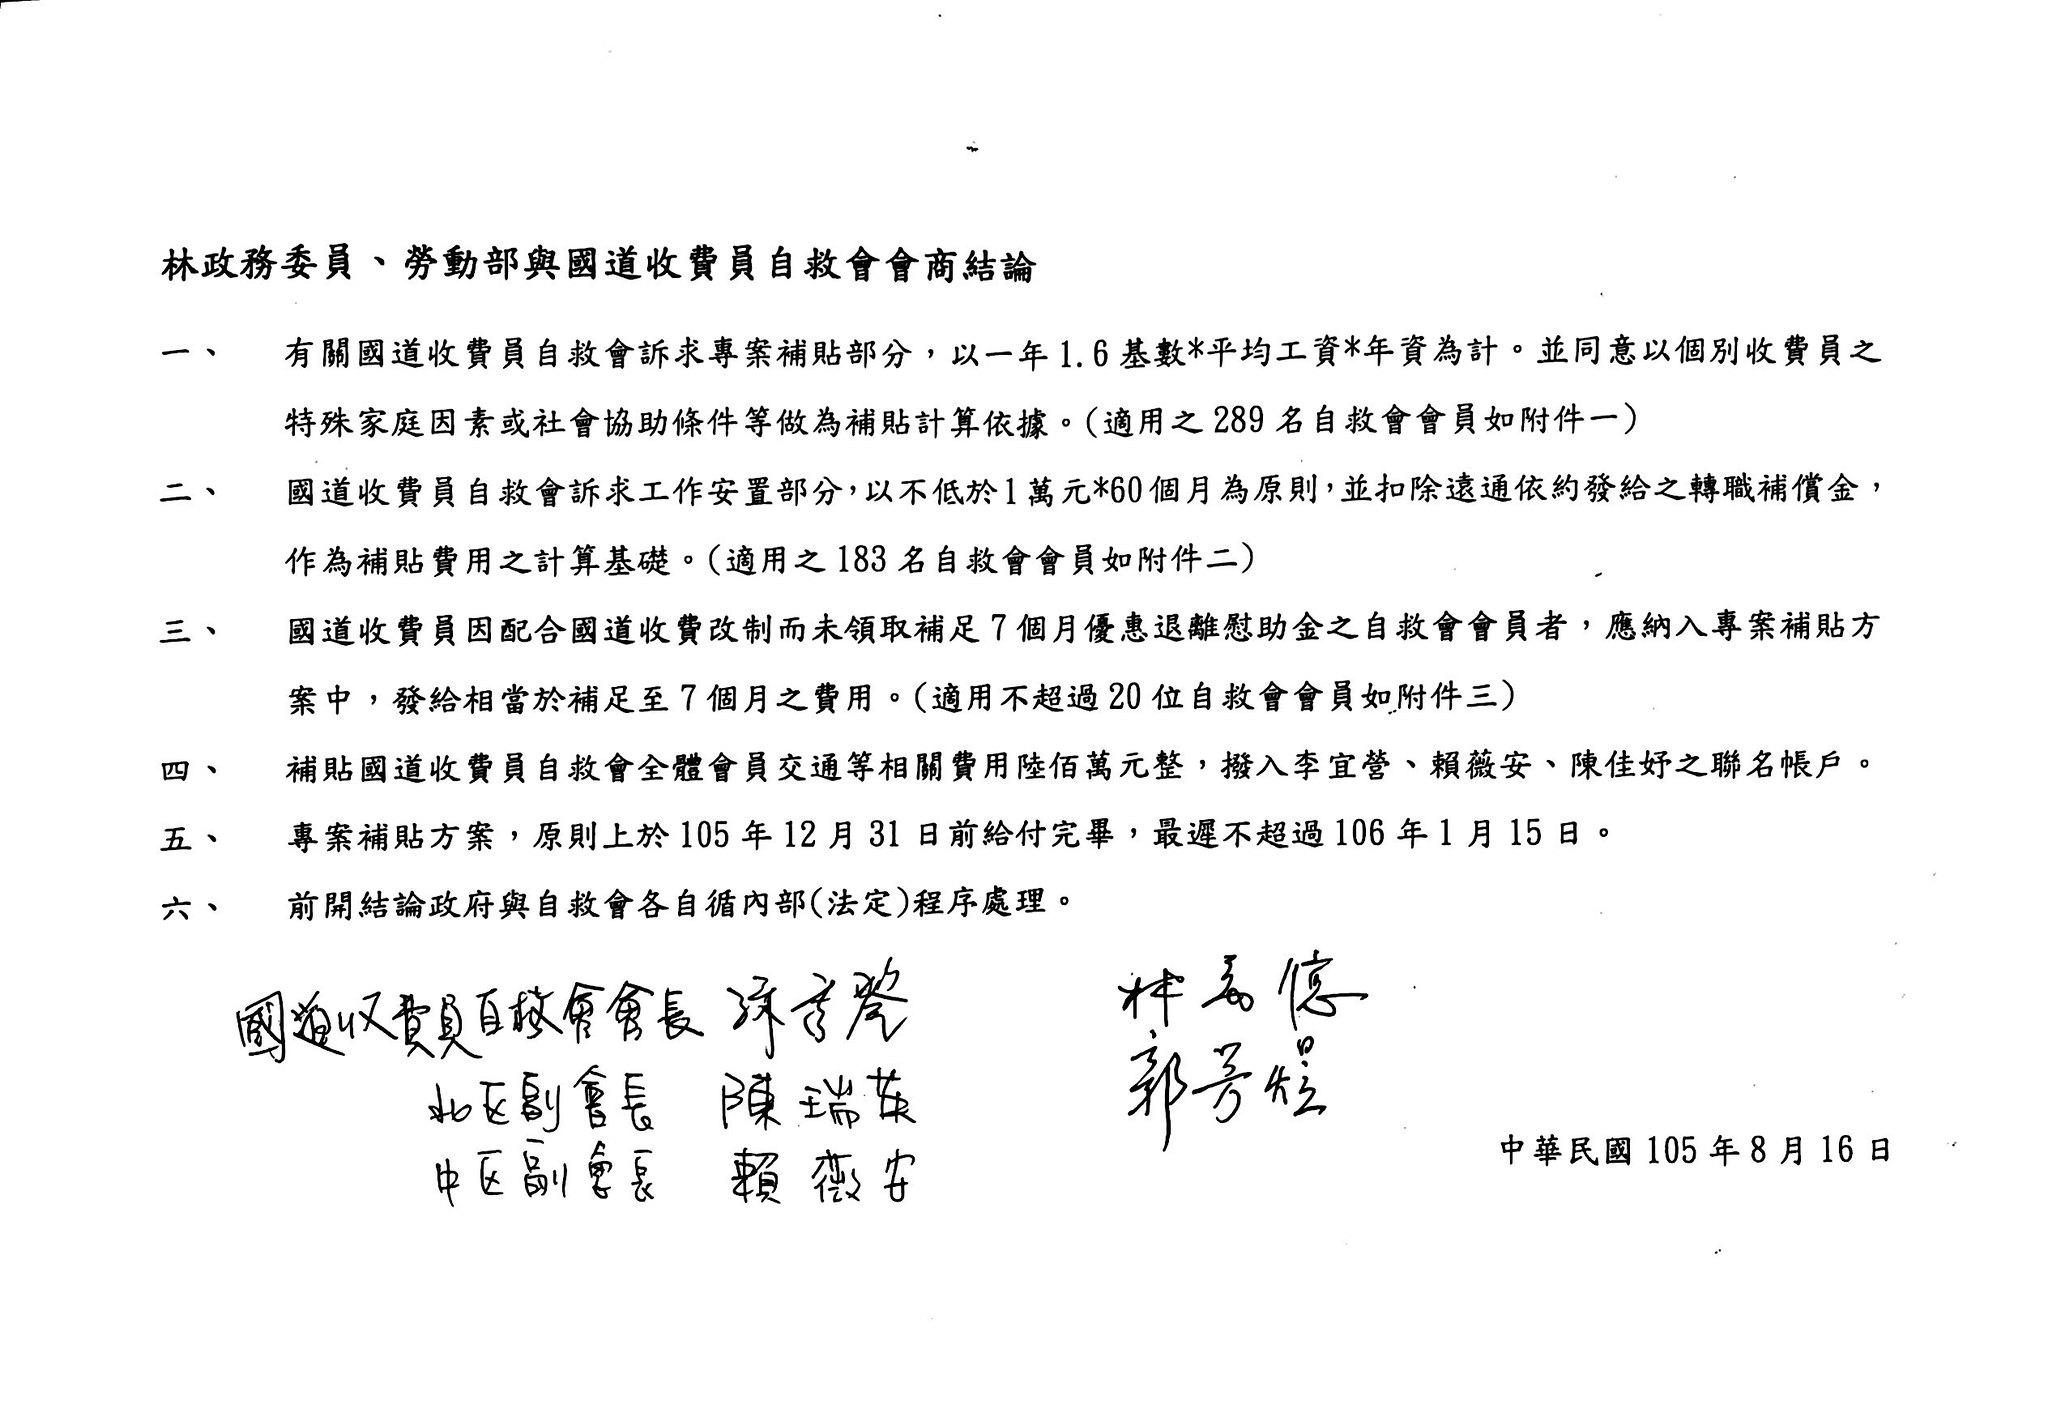 去年8月16日,蔡政府和自救會成員達成的協議內容。(國道收費員自救會提供)